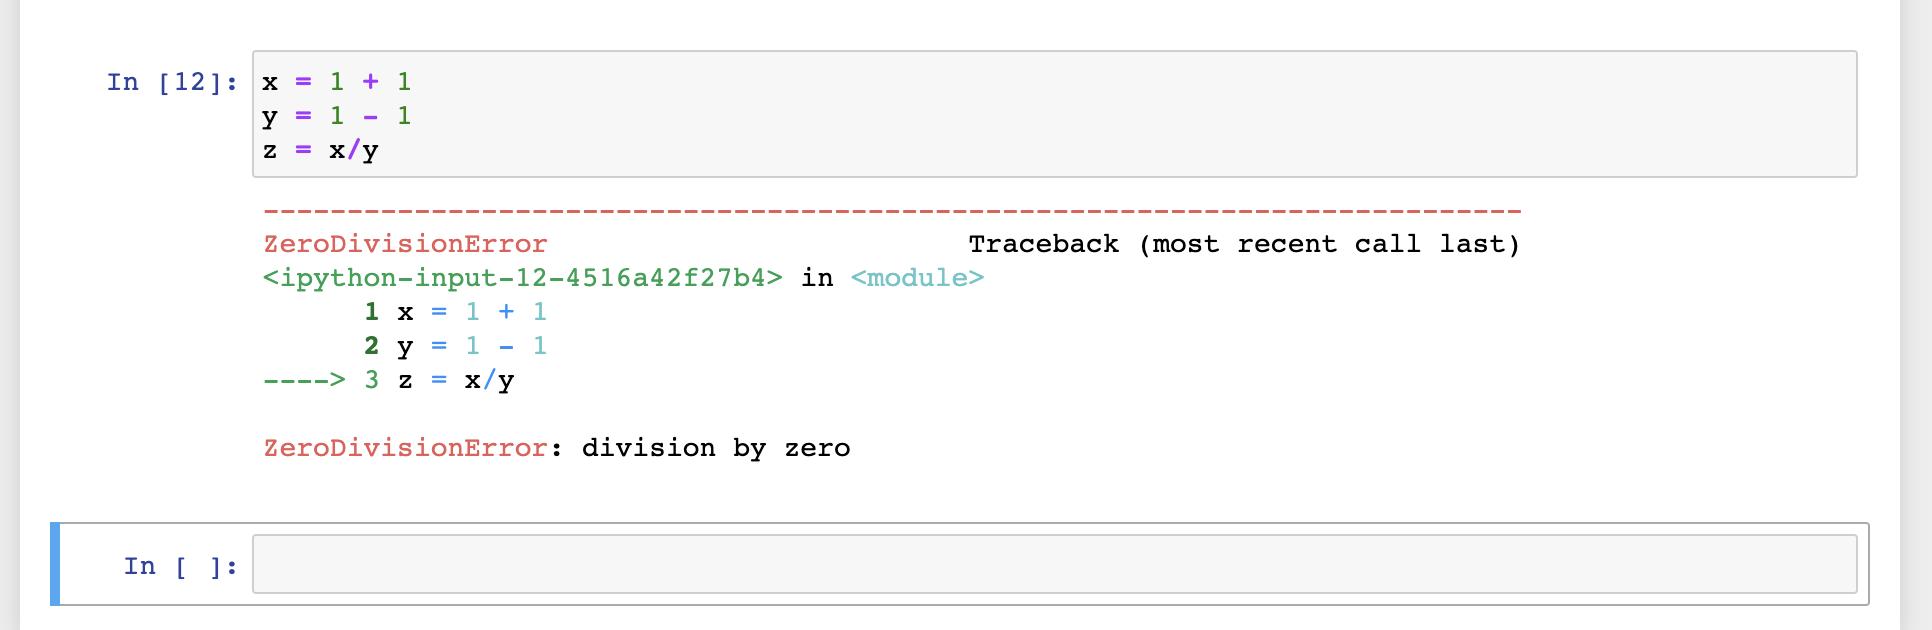 notebook showing zero division error